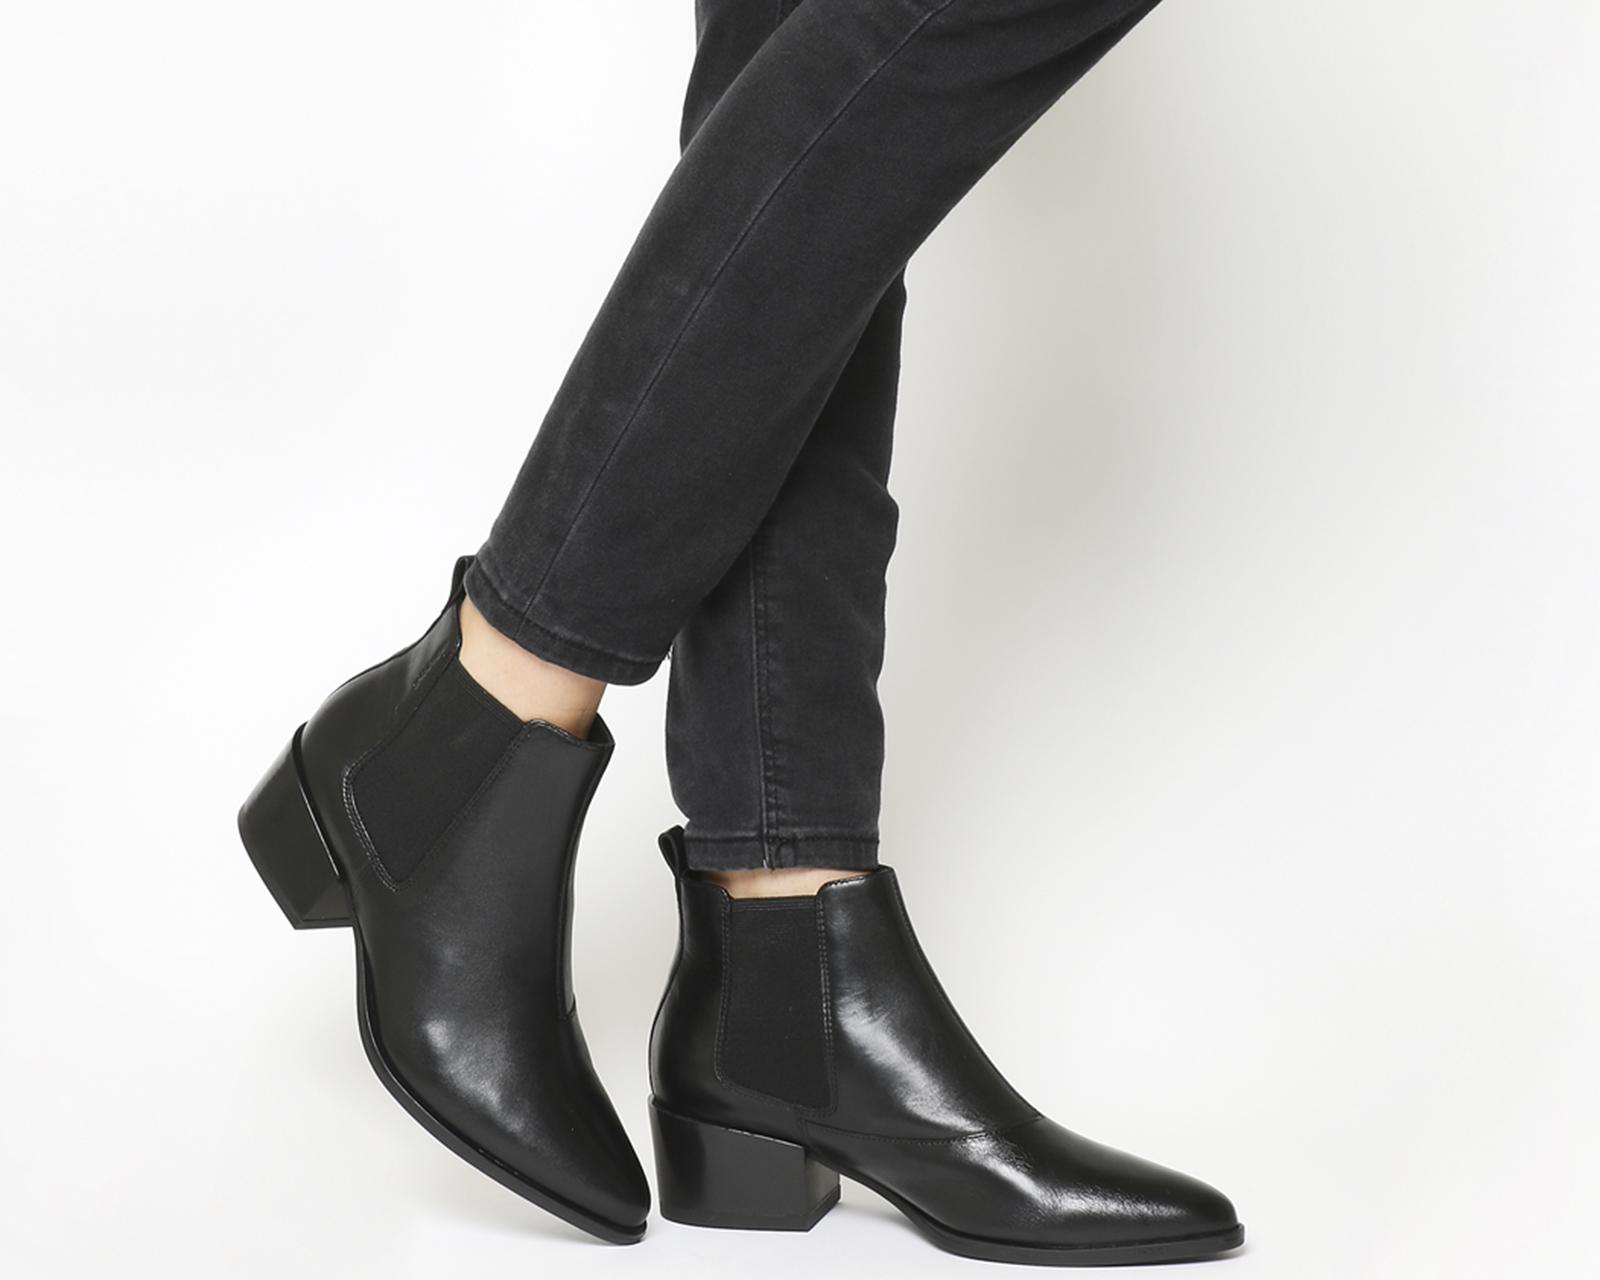 d7a56503b5fa Details zu Damen Vagabond Marja Stiefeletten Schwarze Lederstiefel